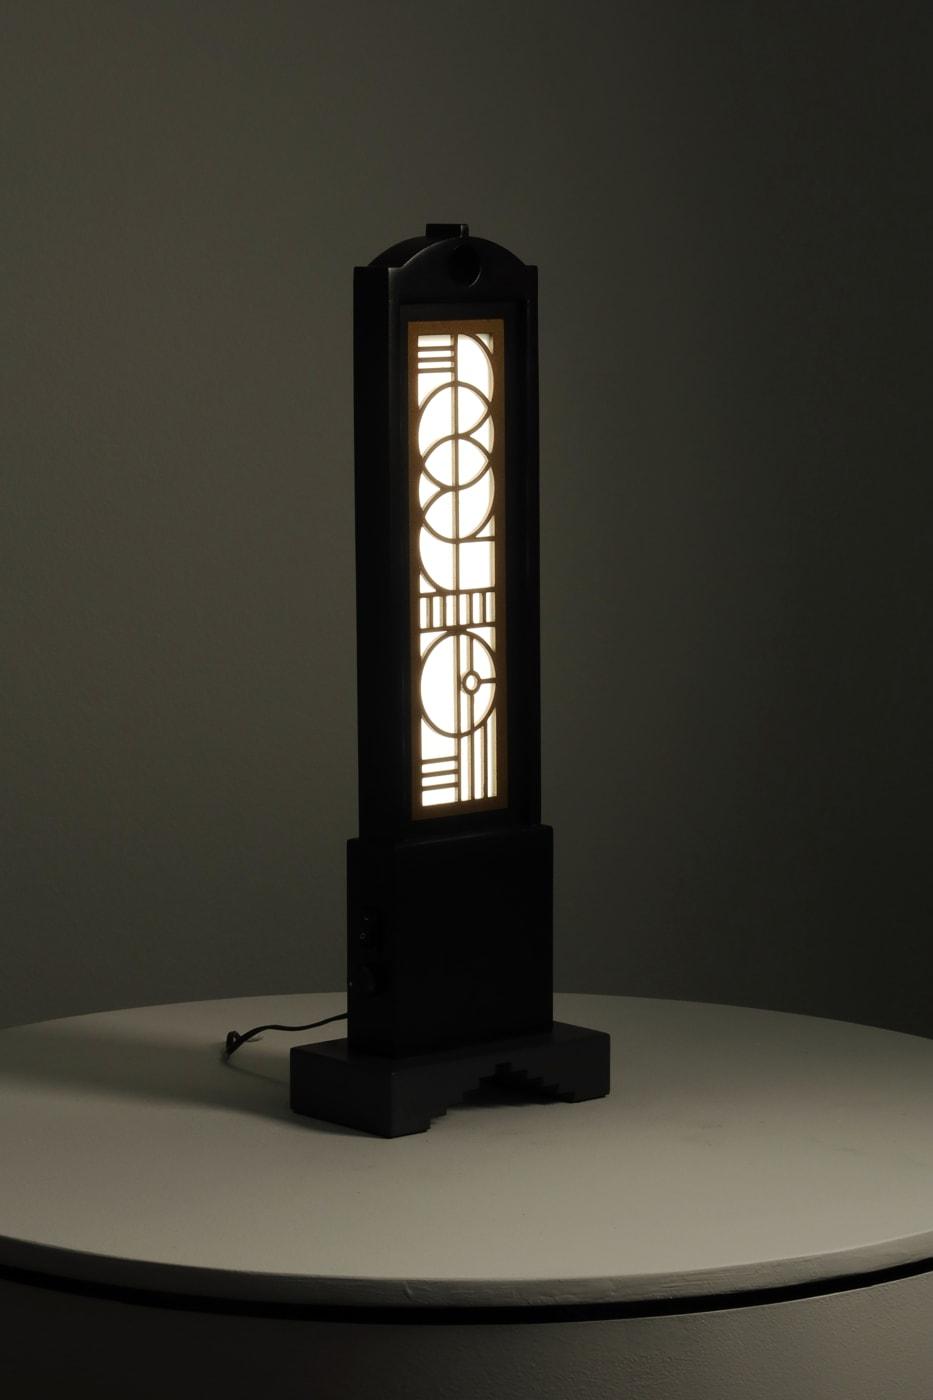 EC Deco OLED fixture, Lumenique